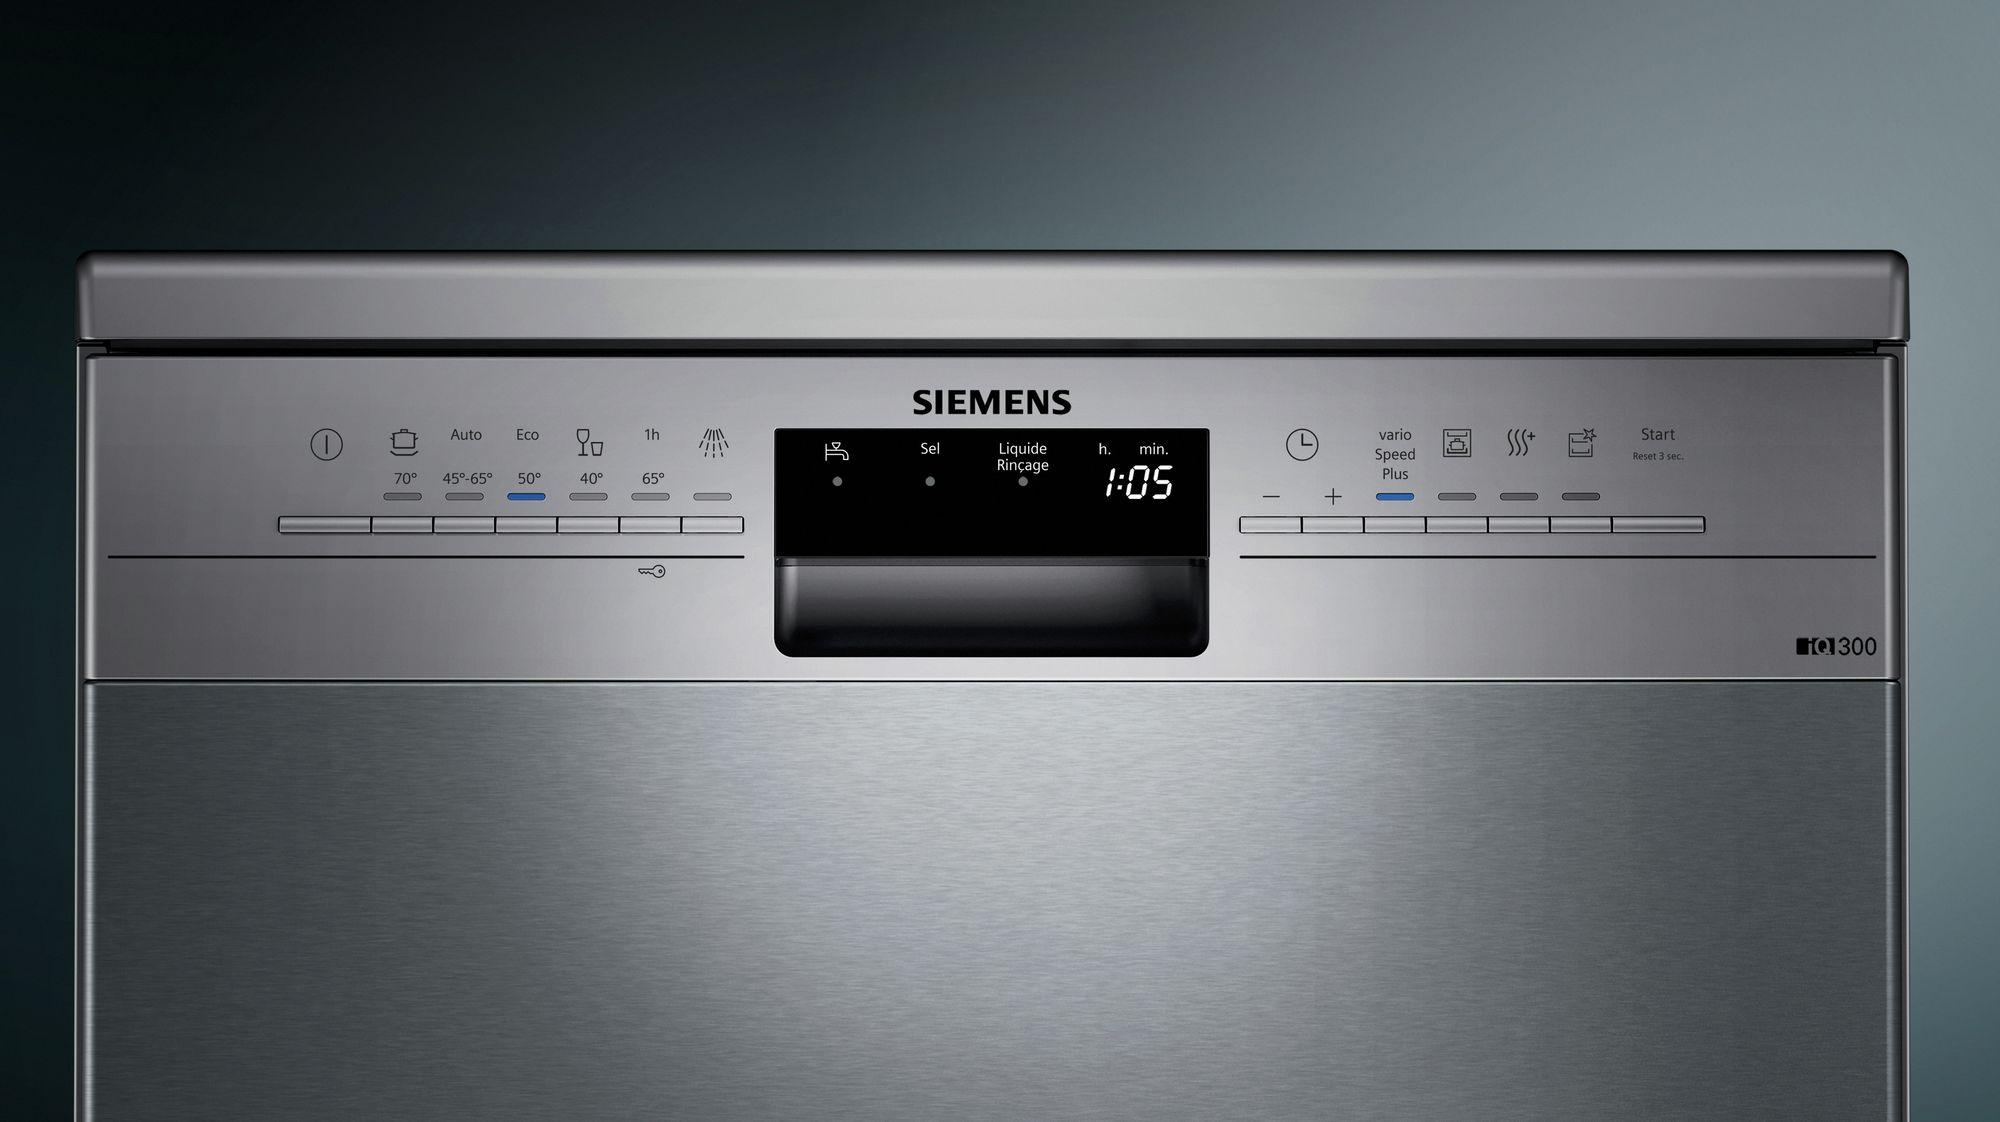 siemens sn236i02ke major household appliances. Black Bedroom Furniture Sets. Home Design Ideas